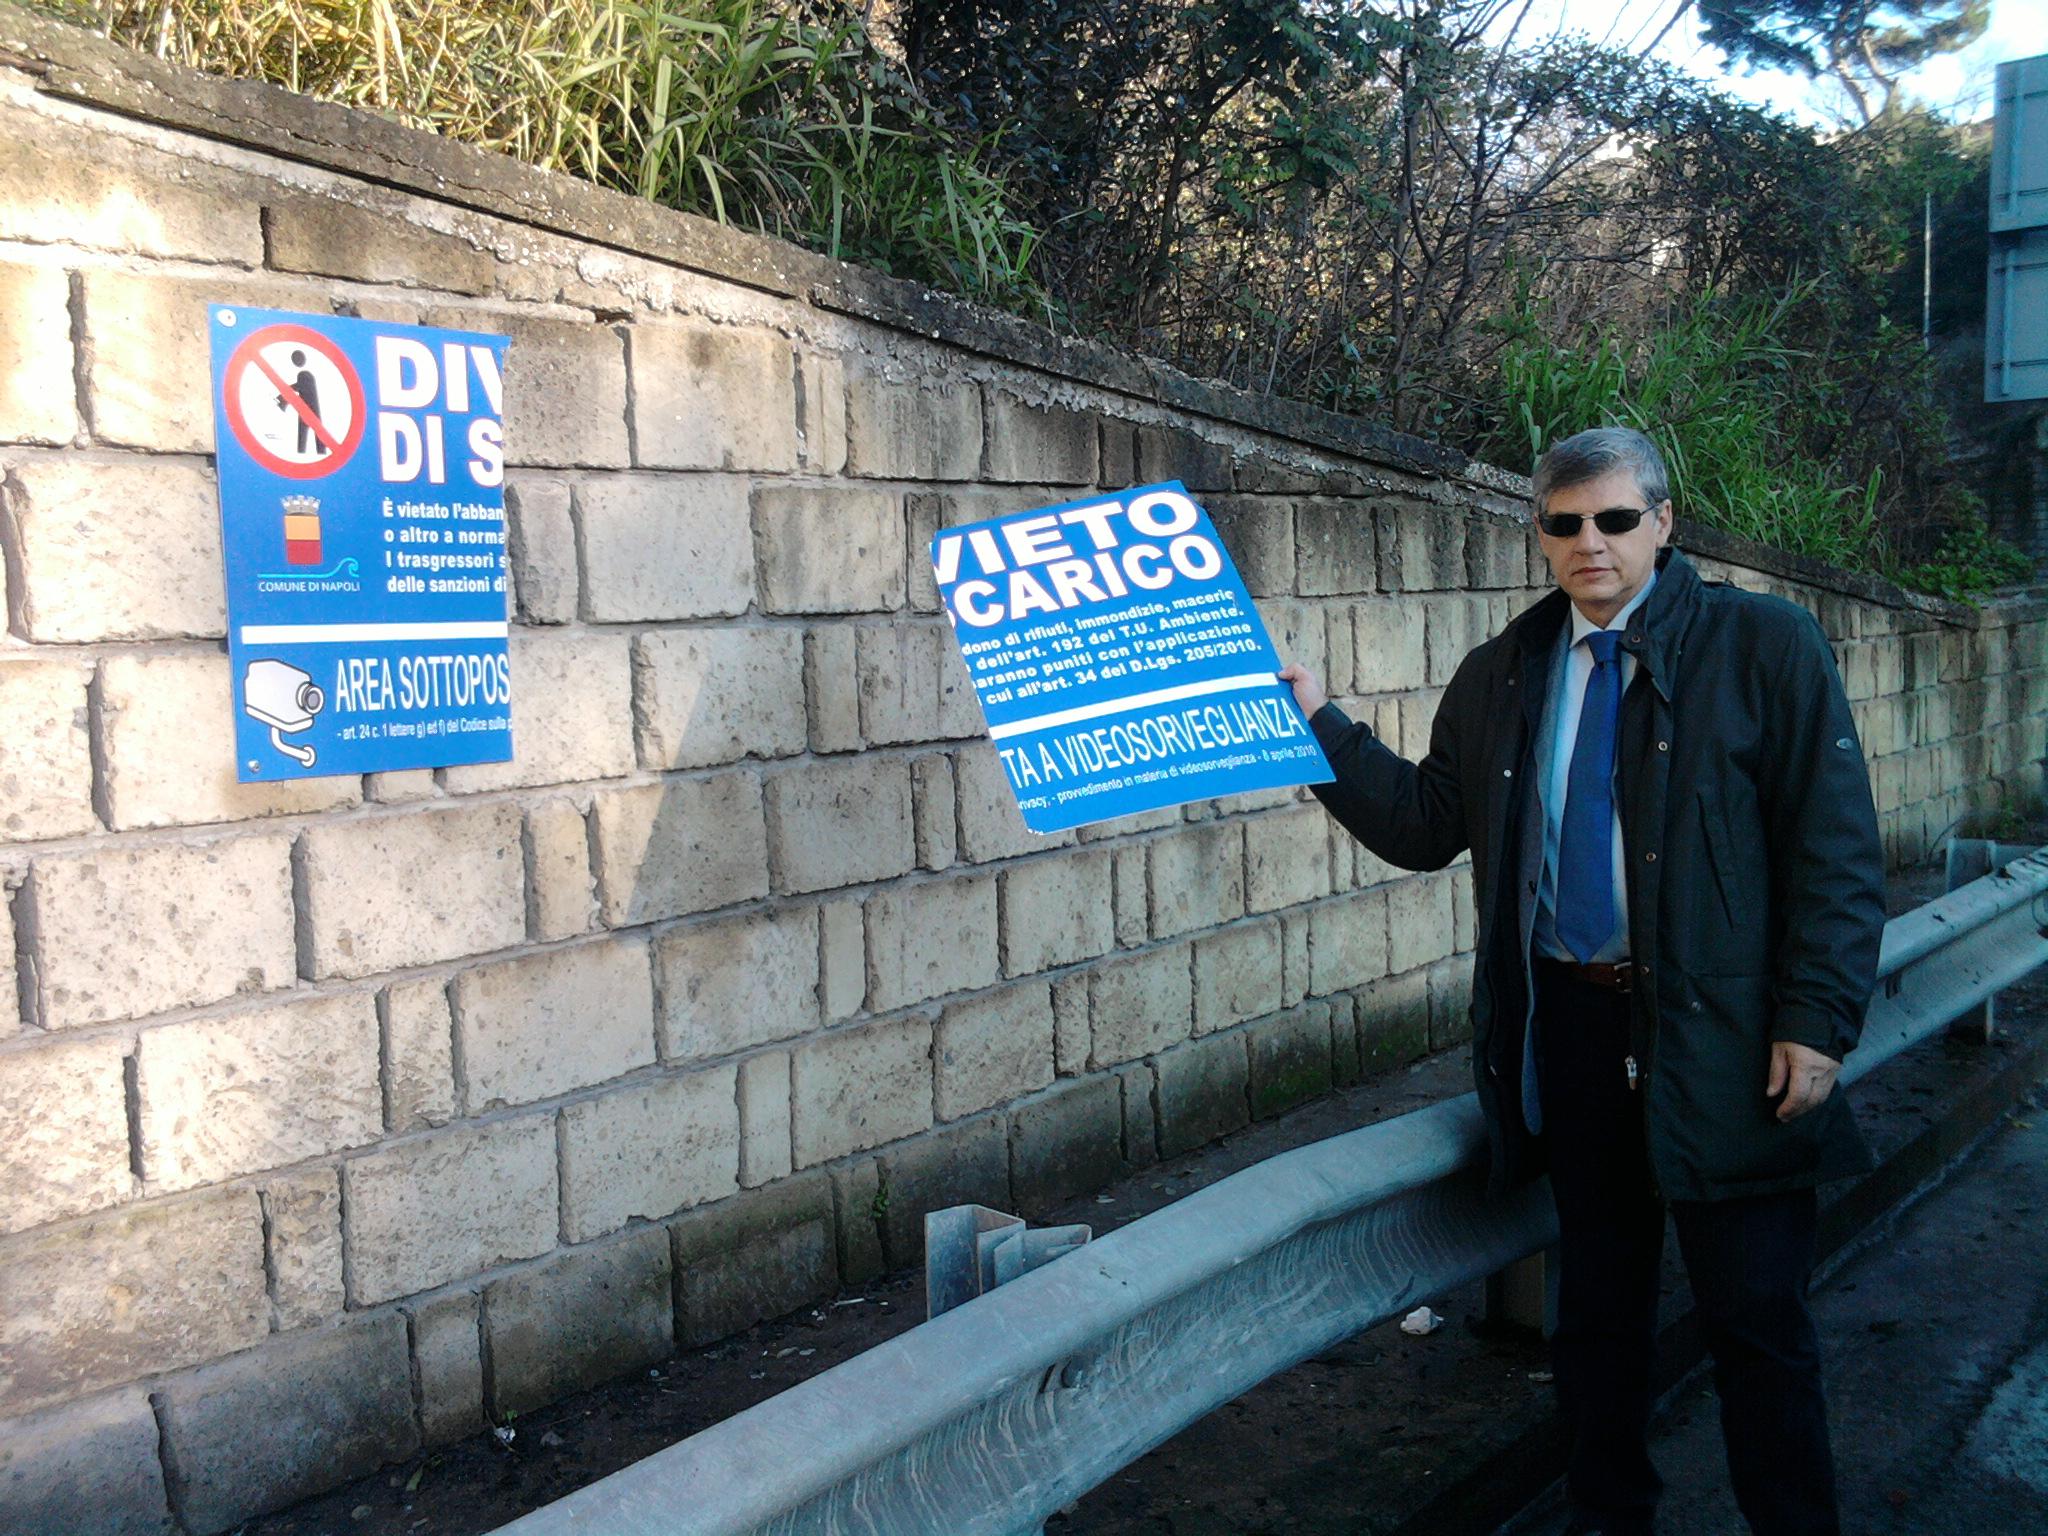 Atti intimidatori o vandalismo nei confronti dell'operato del Comune di Napoli?